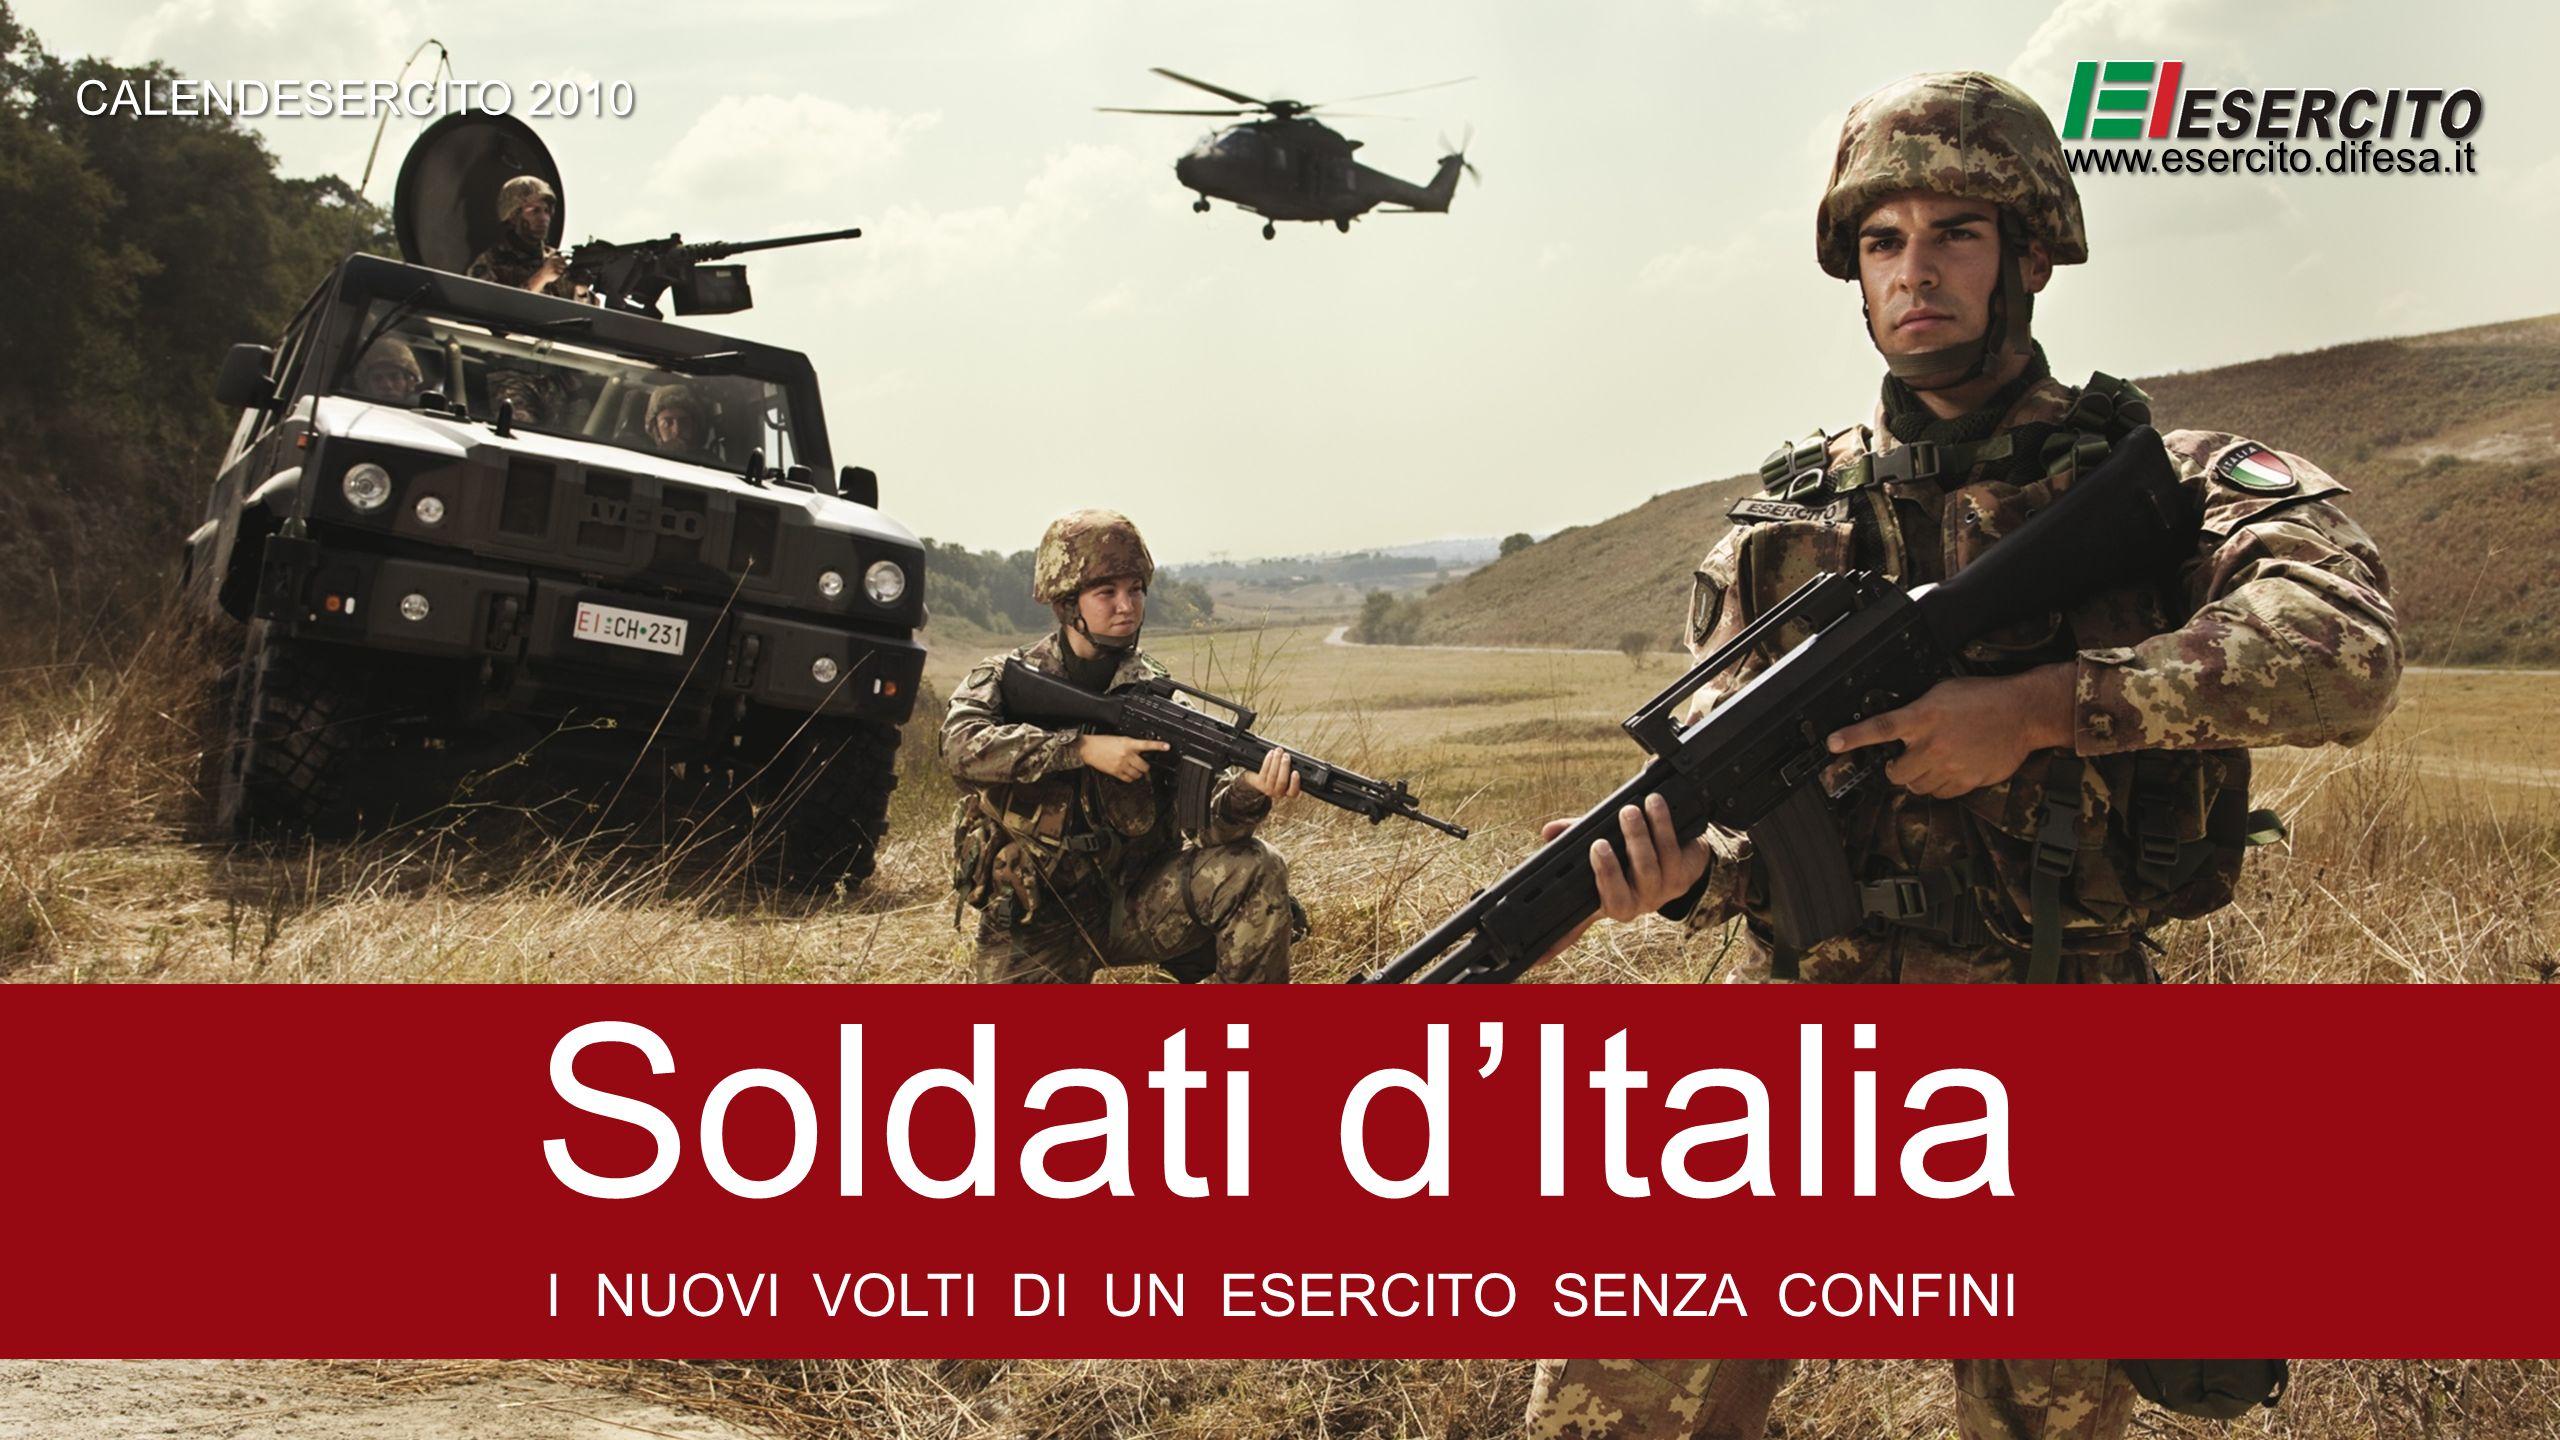 Operazione Strade Sicure /// Posto di controllo nel centro cittadino CALENDESERCITO 2010 www.esercito.difesa.it